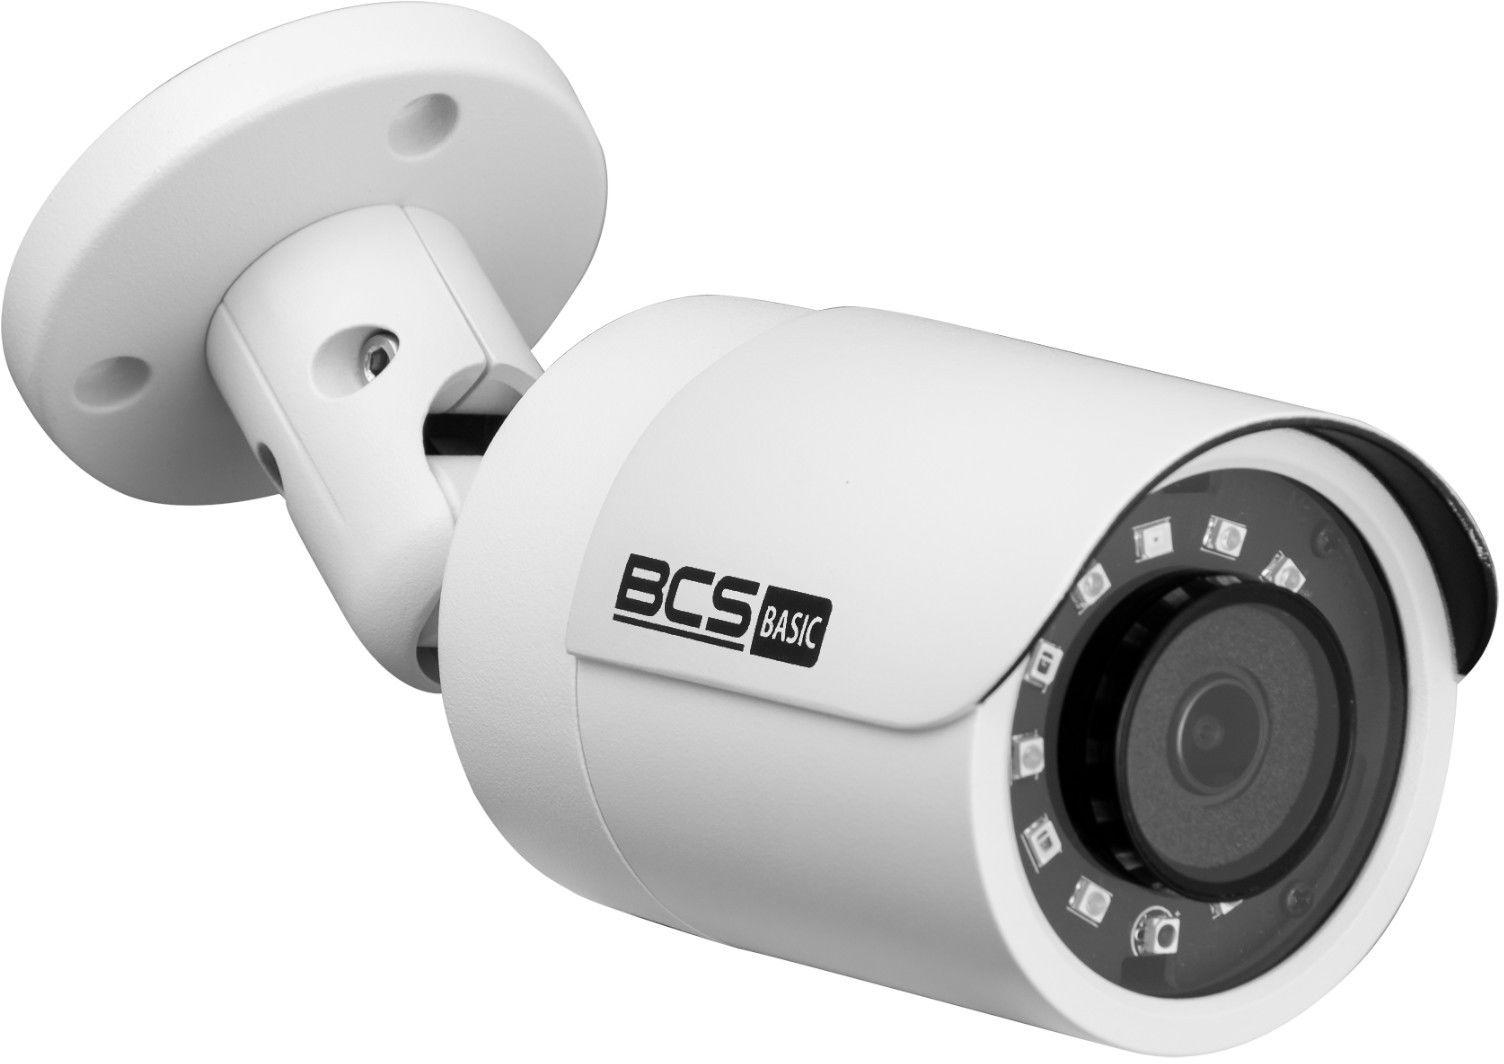 Kamera 4w1 2Mpx BCS-B-MT22800-B 2.8mm BCS BASIC